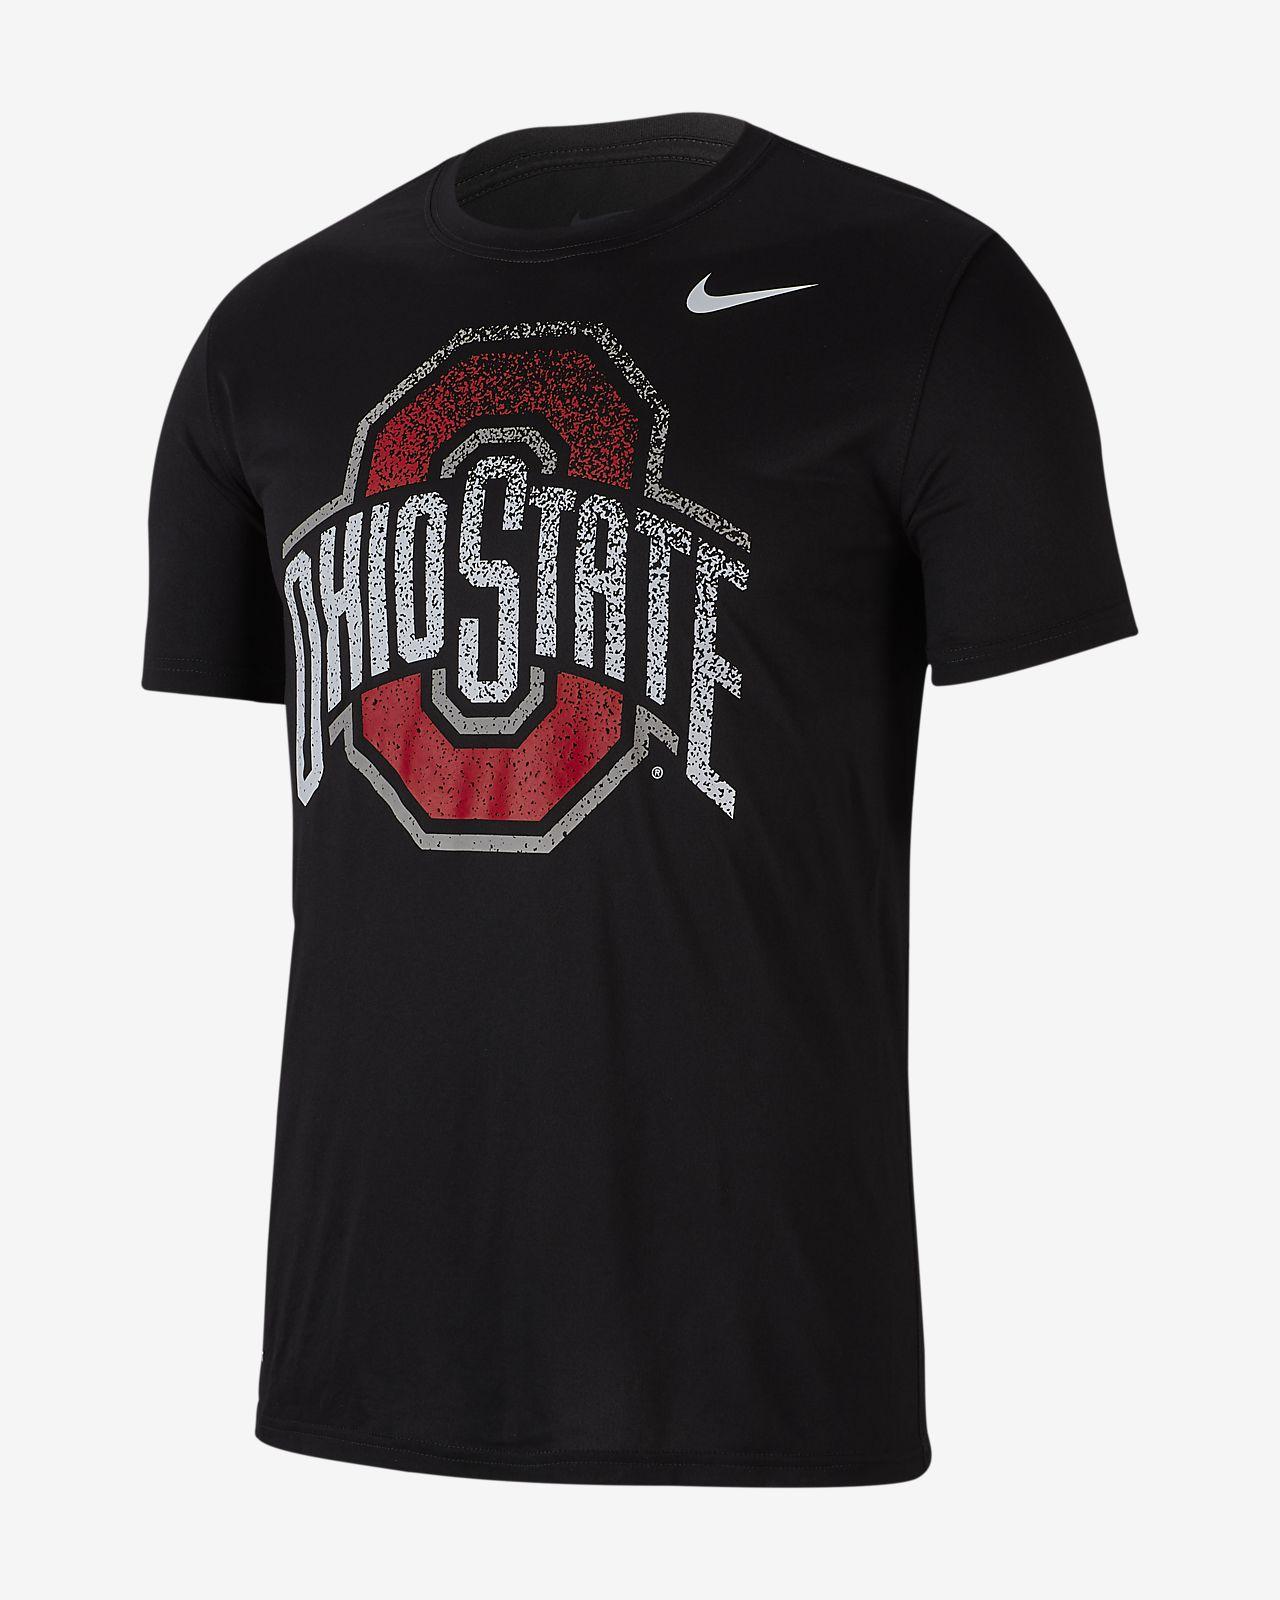 85e183f6 Nike Dri-FIT Legend (Ohio State) Men's Short-Sleeve T-Shirt. Nike.com